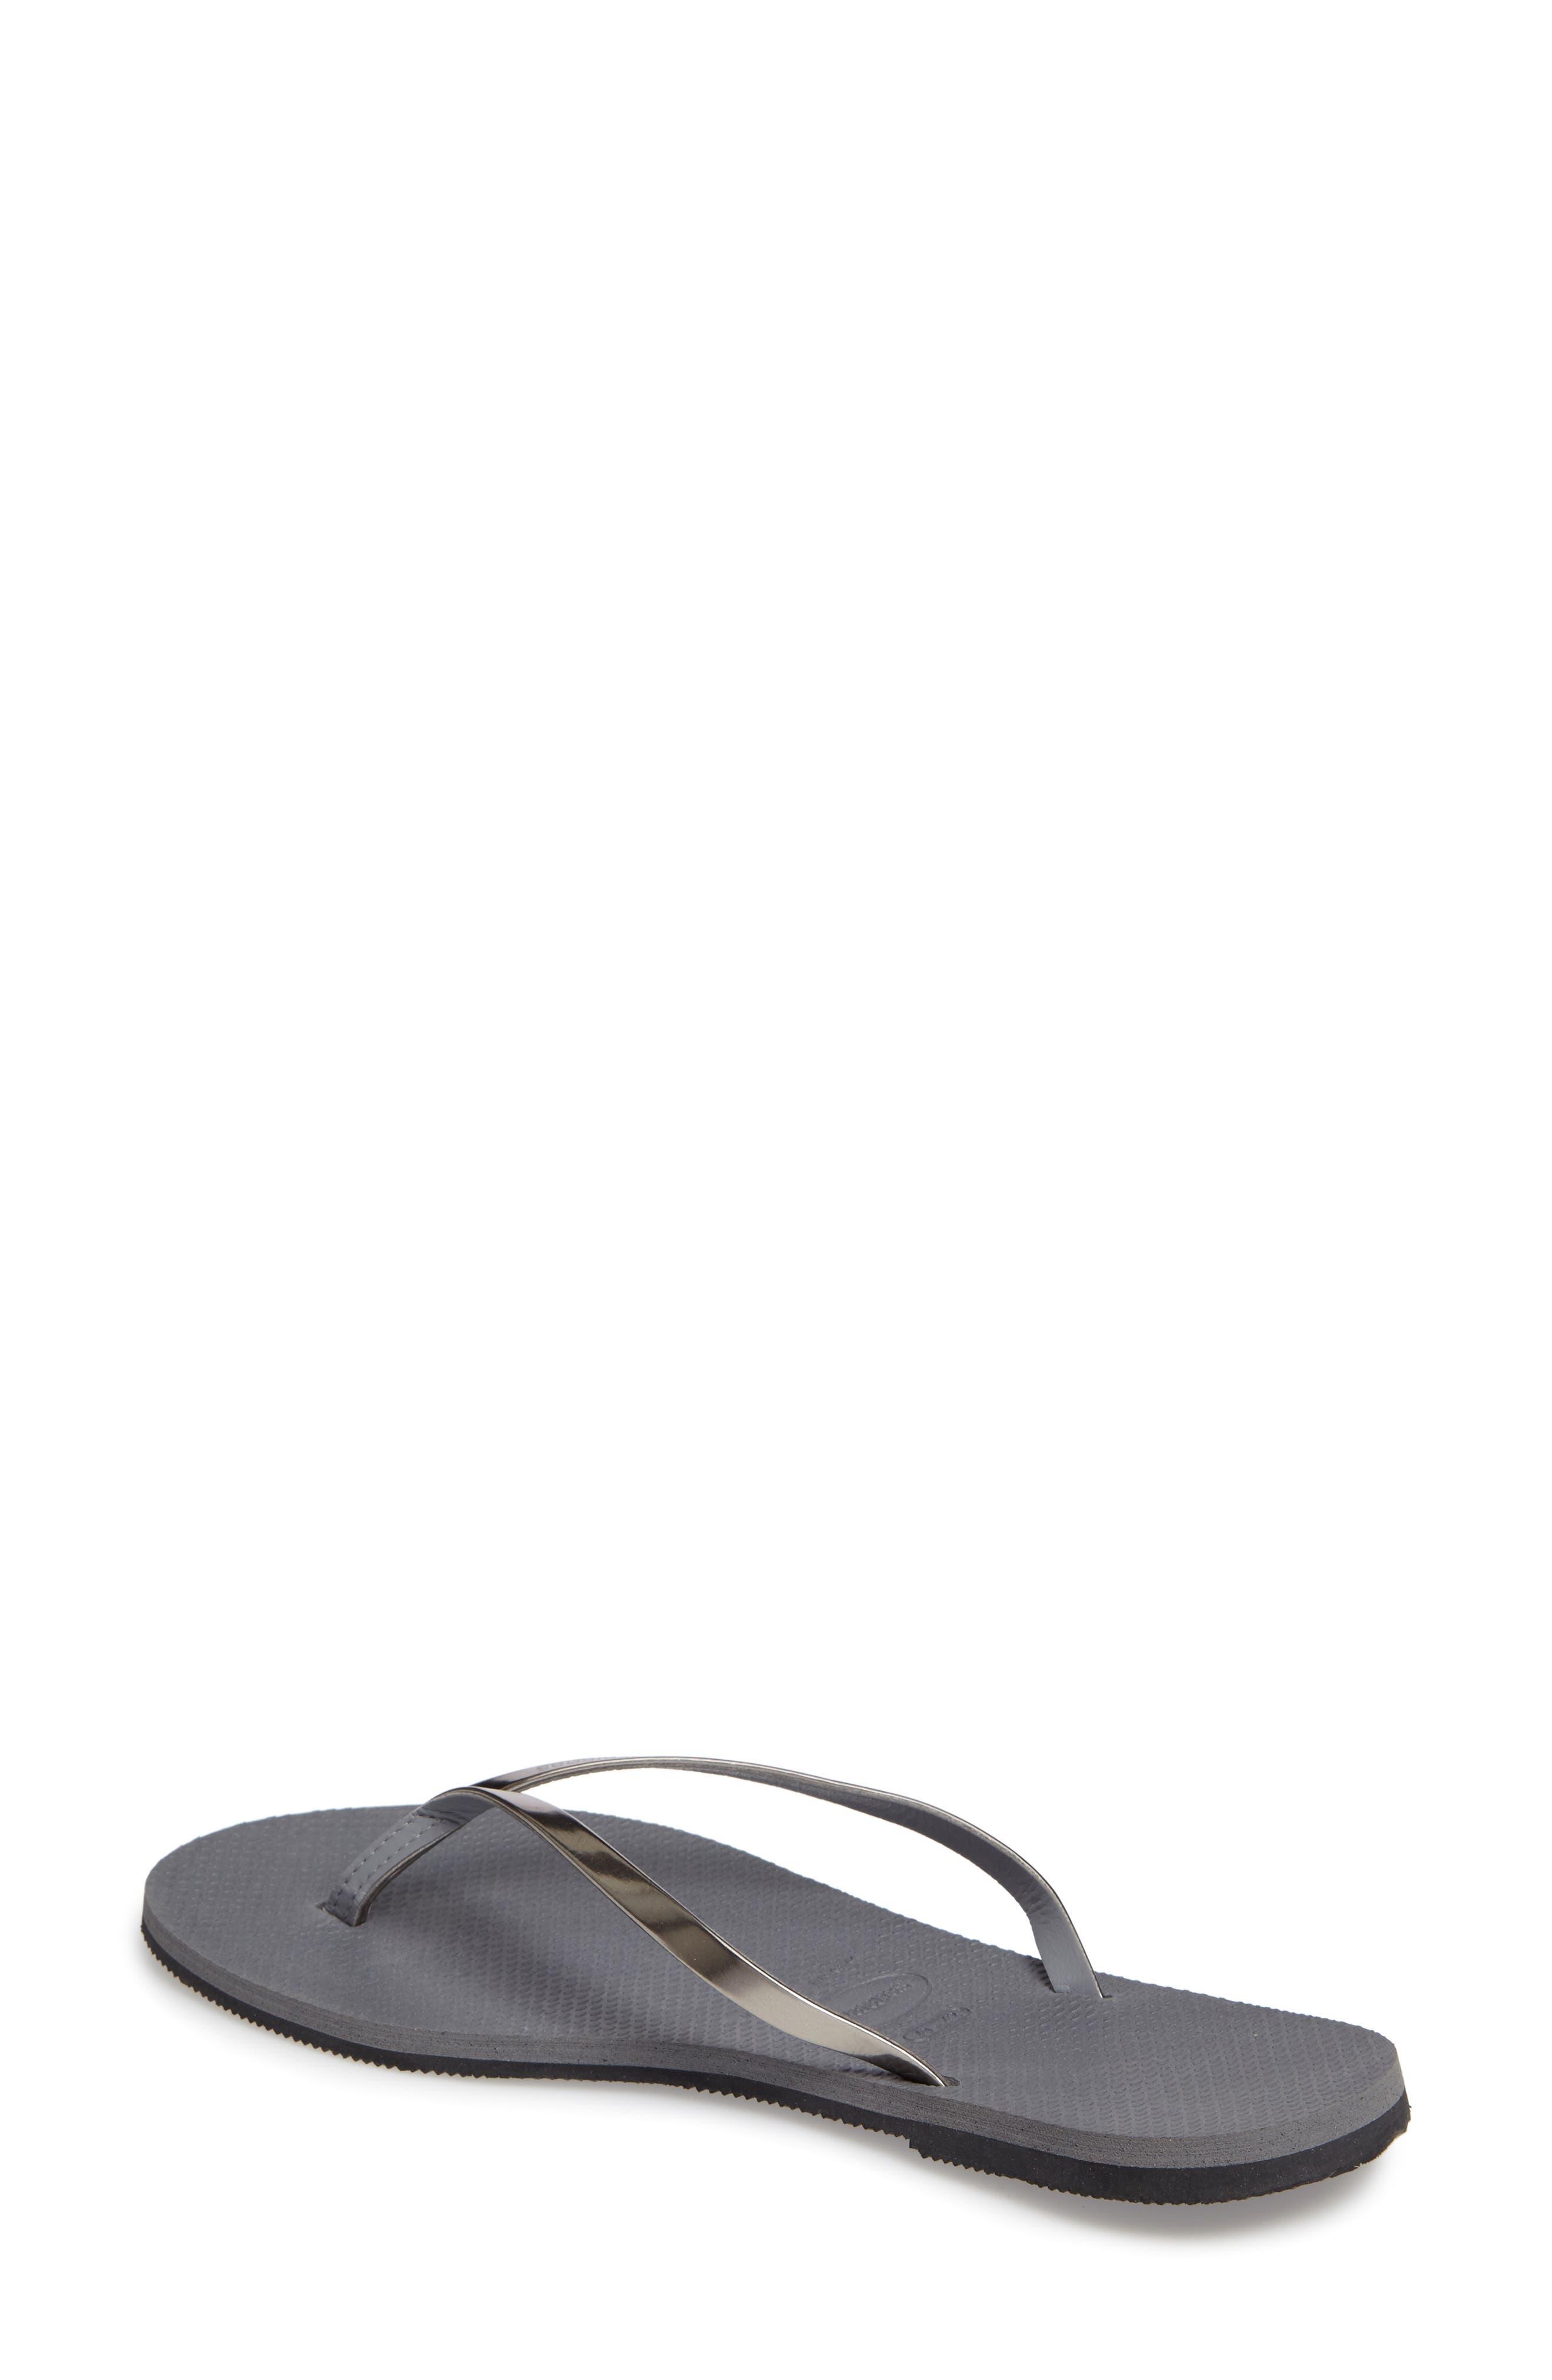 38188d991 Metallic Havaianas Flip-Flops for Women